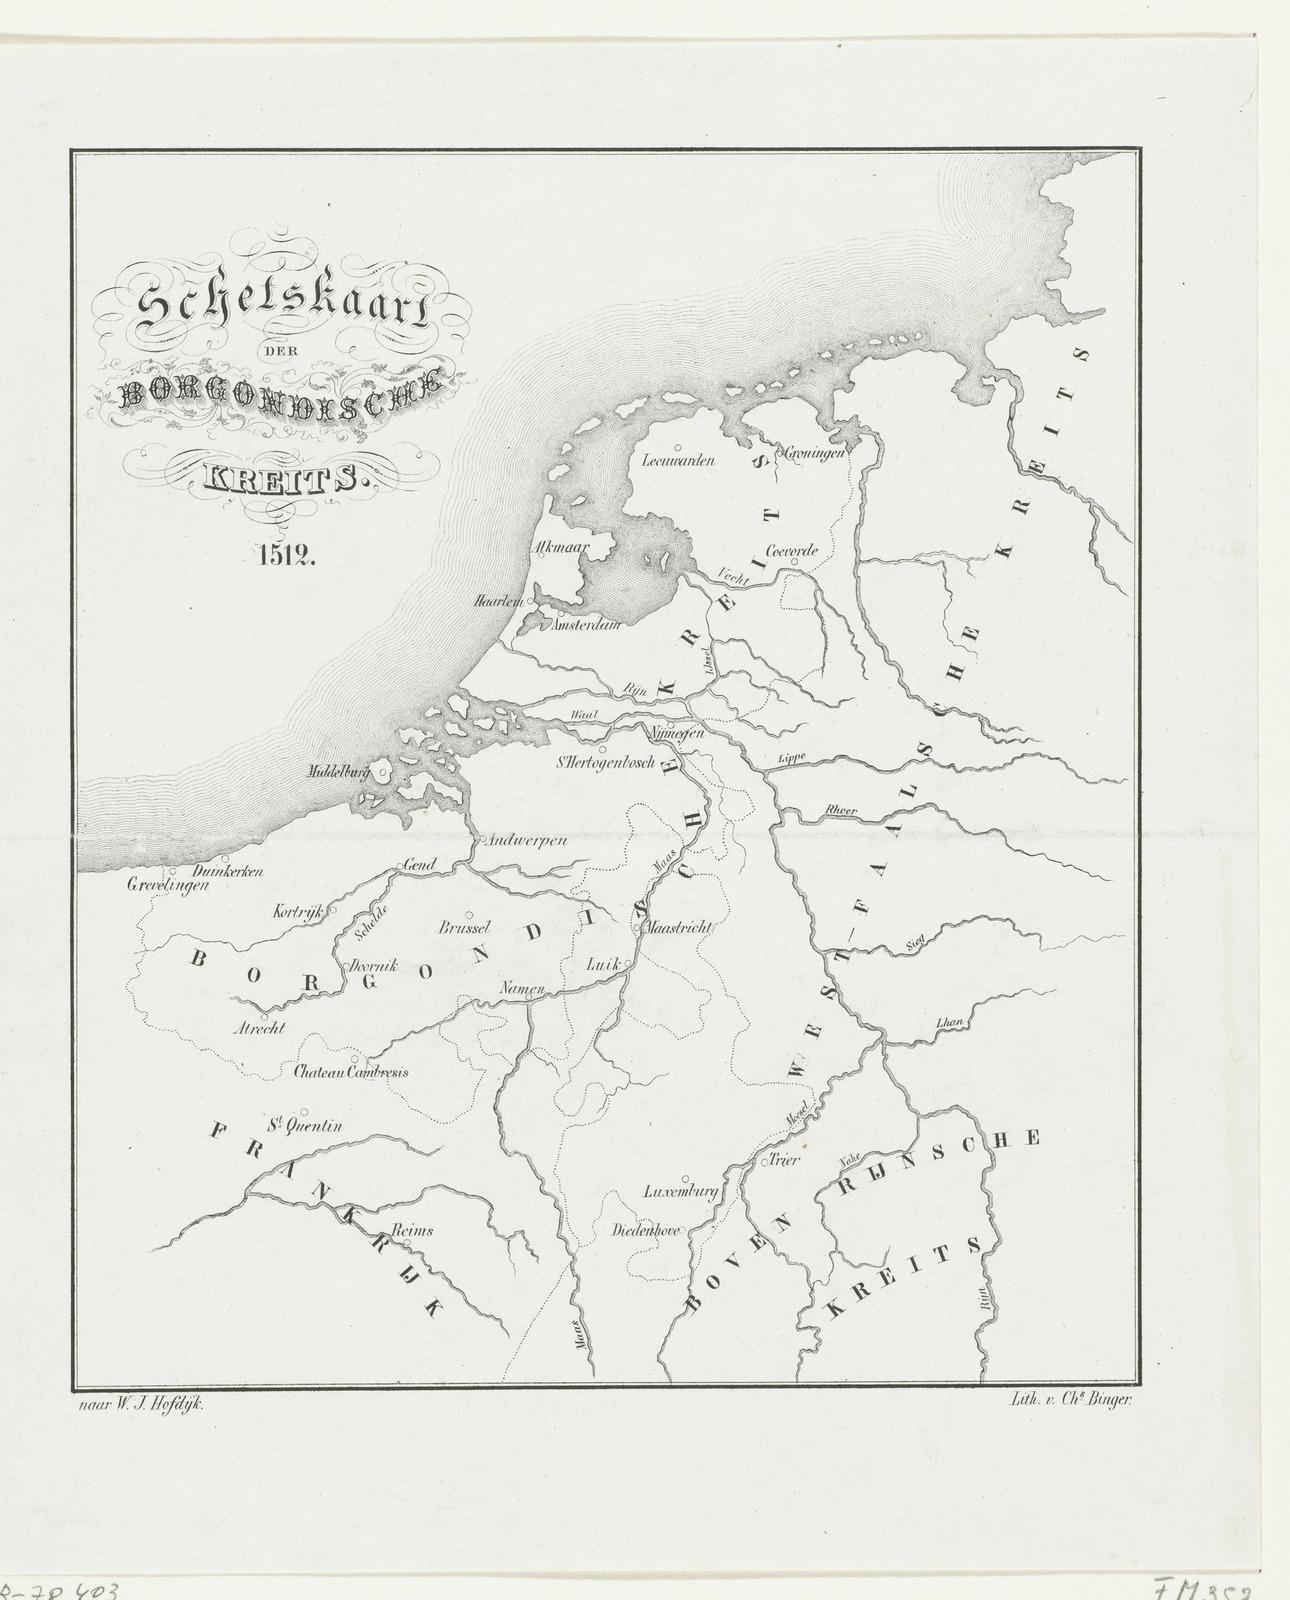 Kaart van de Bourgondische kreits, 1512